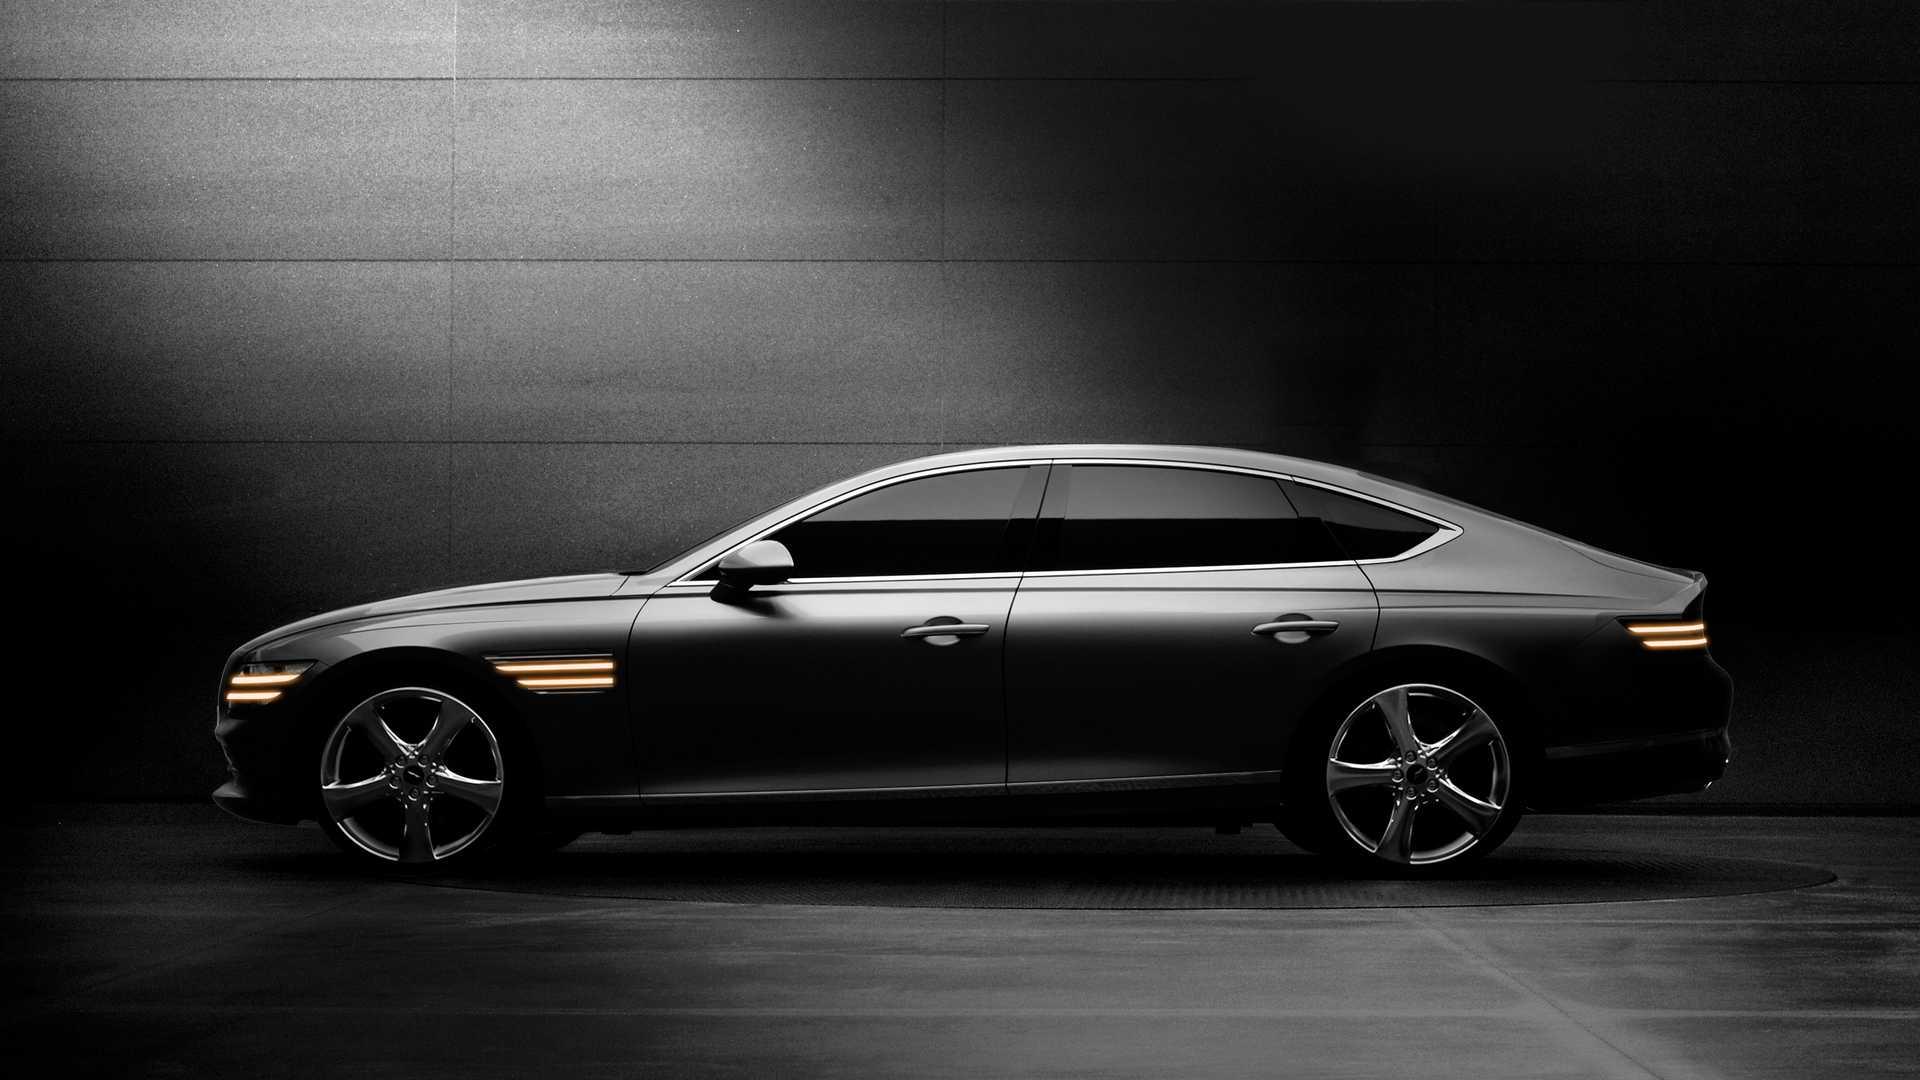 2021-genesis-g80-sedan (1).jpg